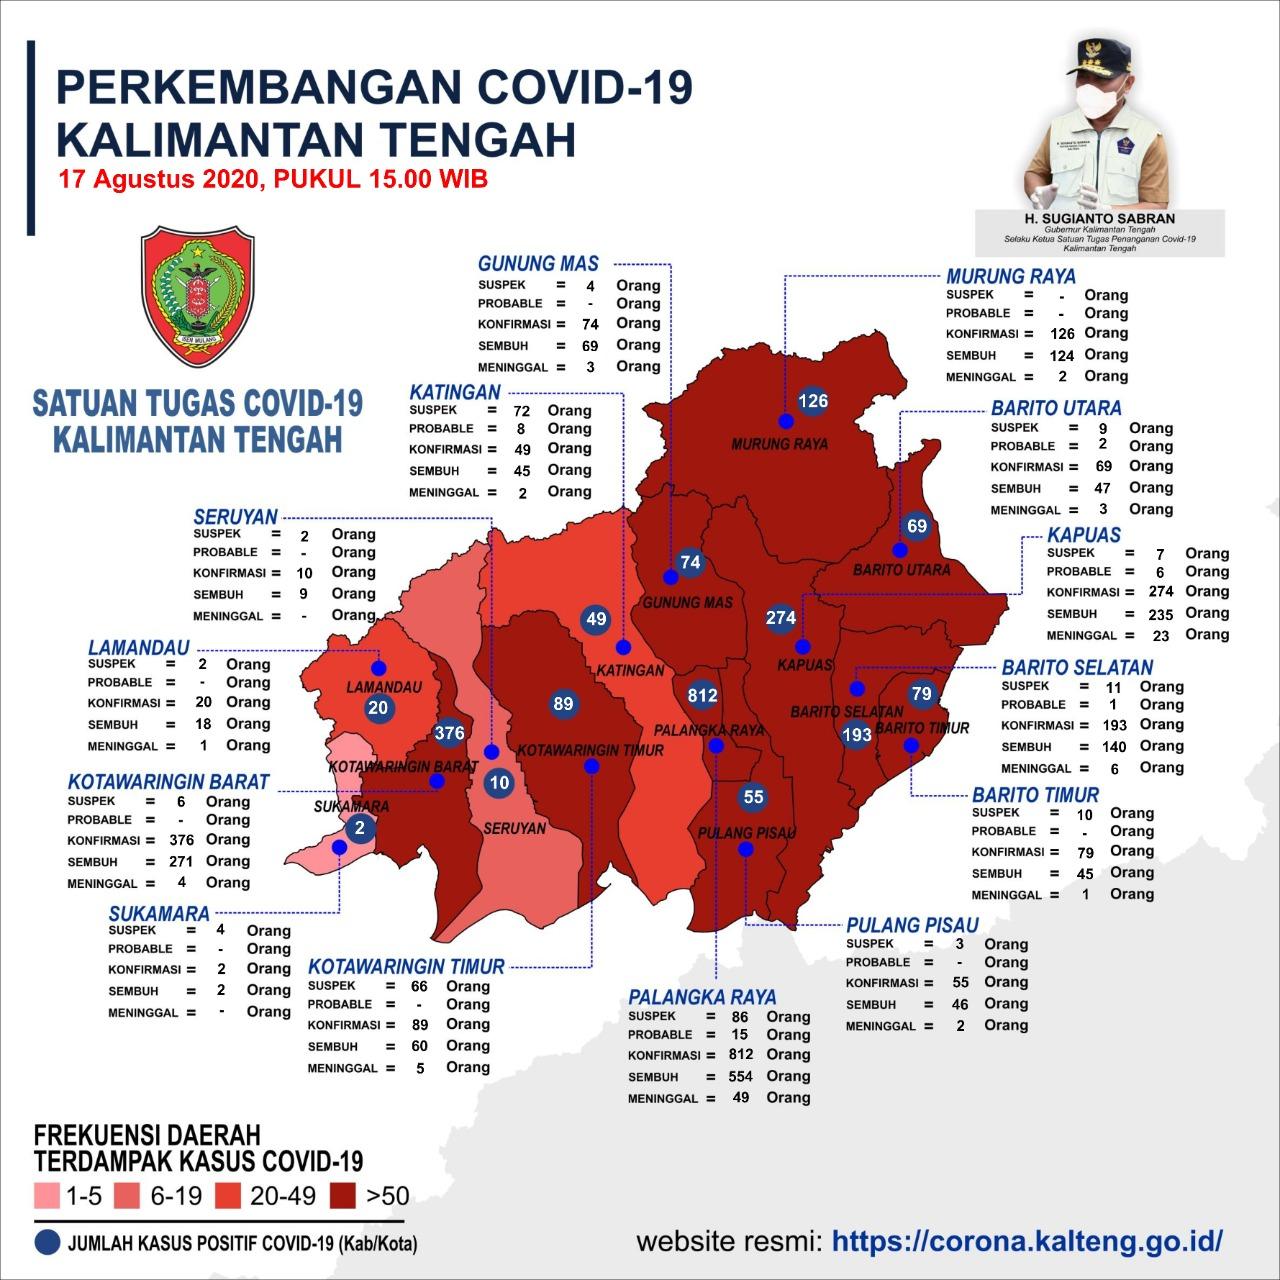 Pesan Gubernur Kalteng Kurangi Resiko Penyebaran Covid-19